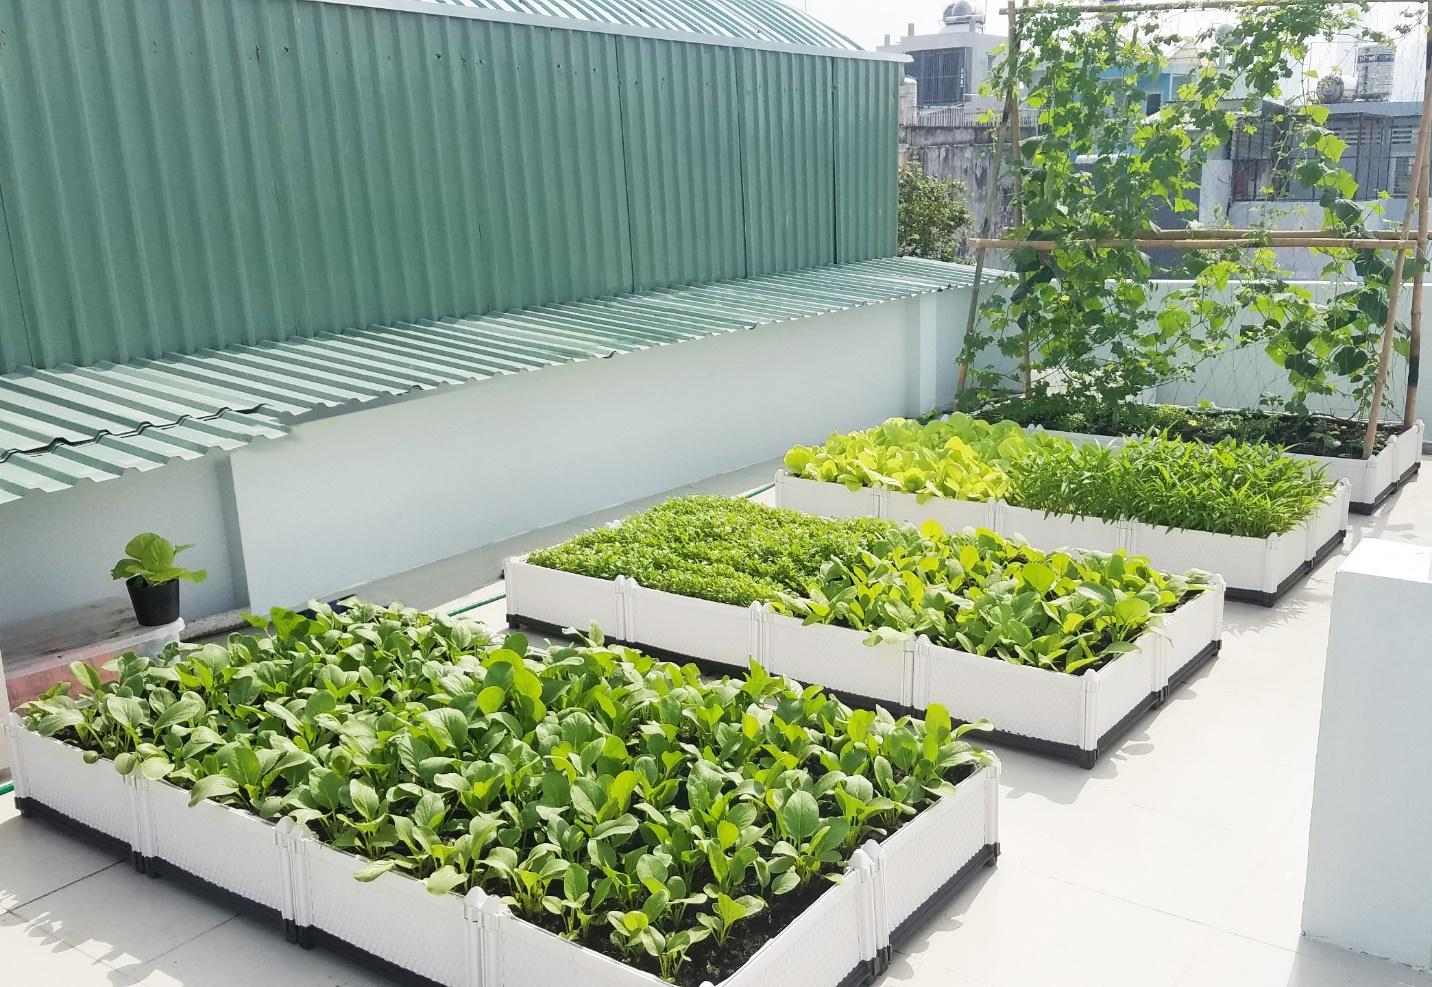 Xu hướng mô hình trồng rau sạch tại nhà có thật sự hiệu quả? 3